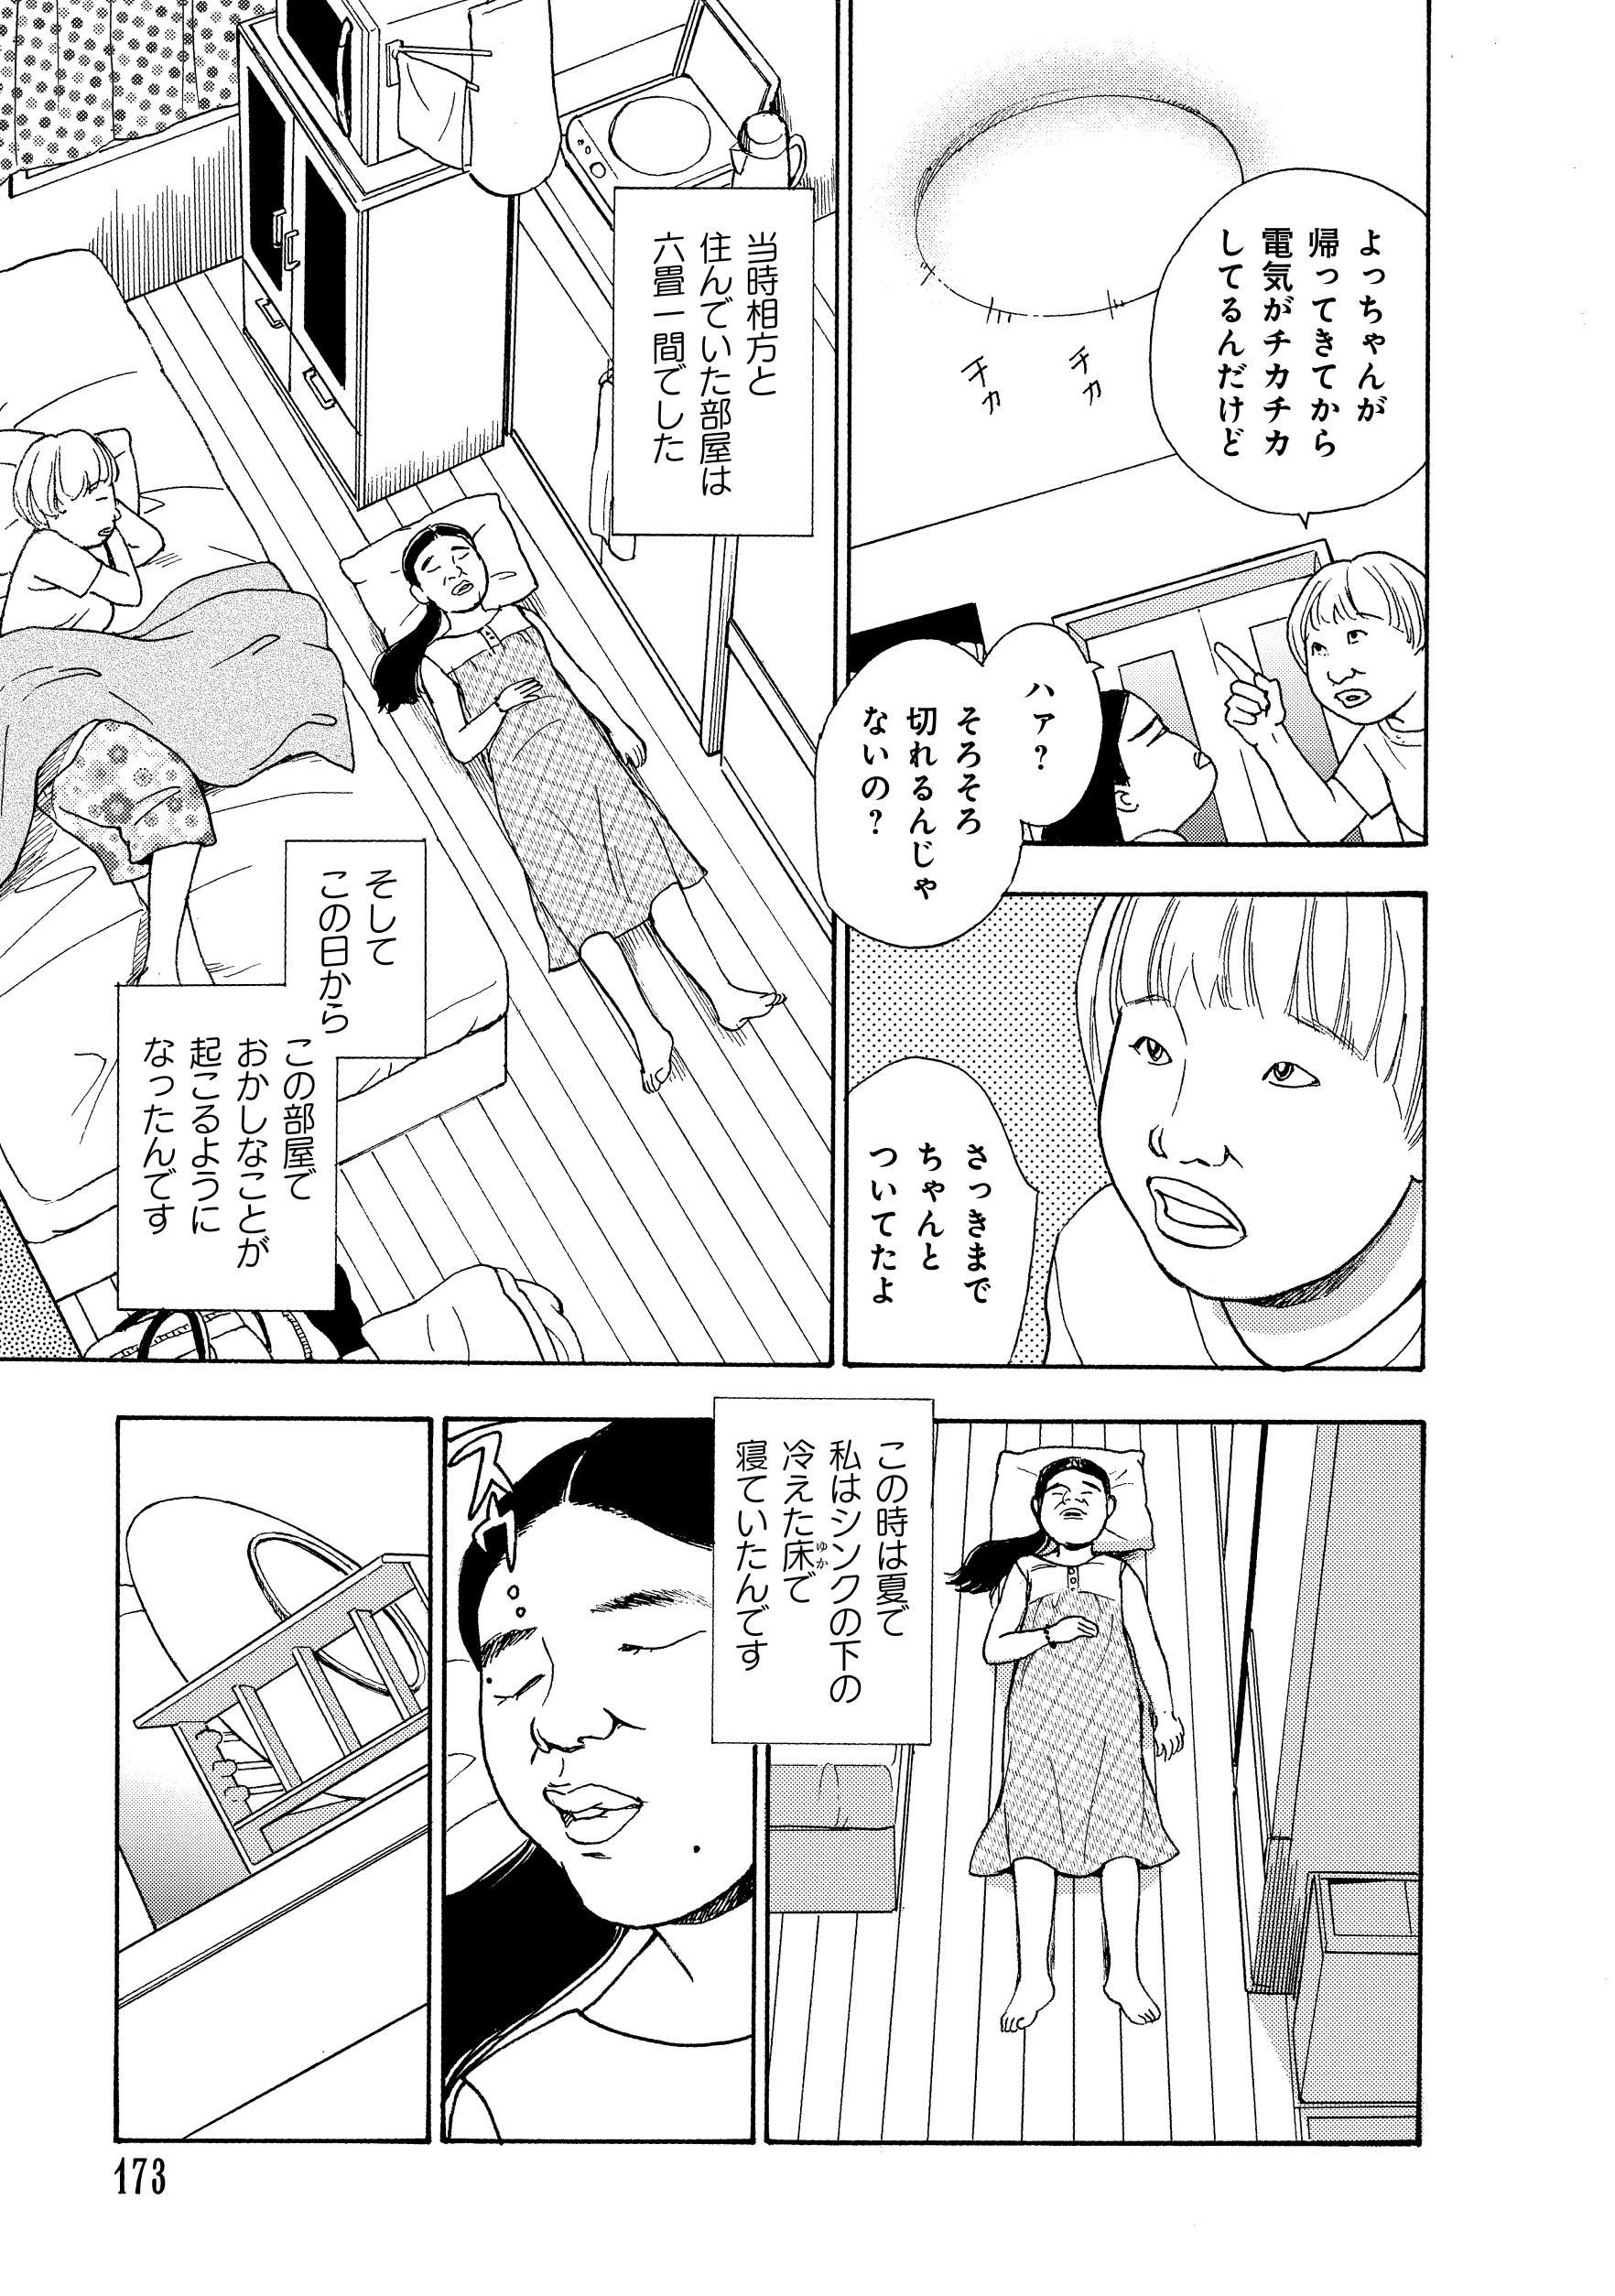 原作特集_173.jpg